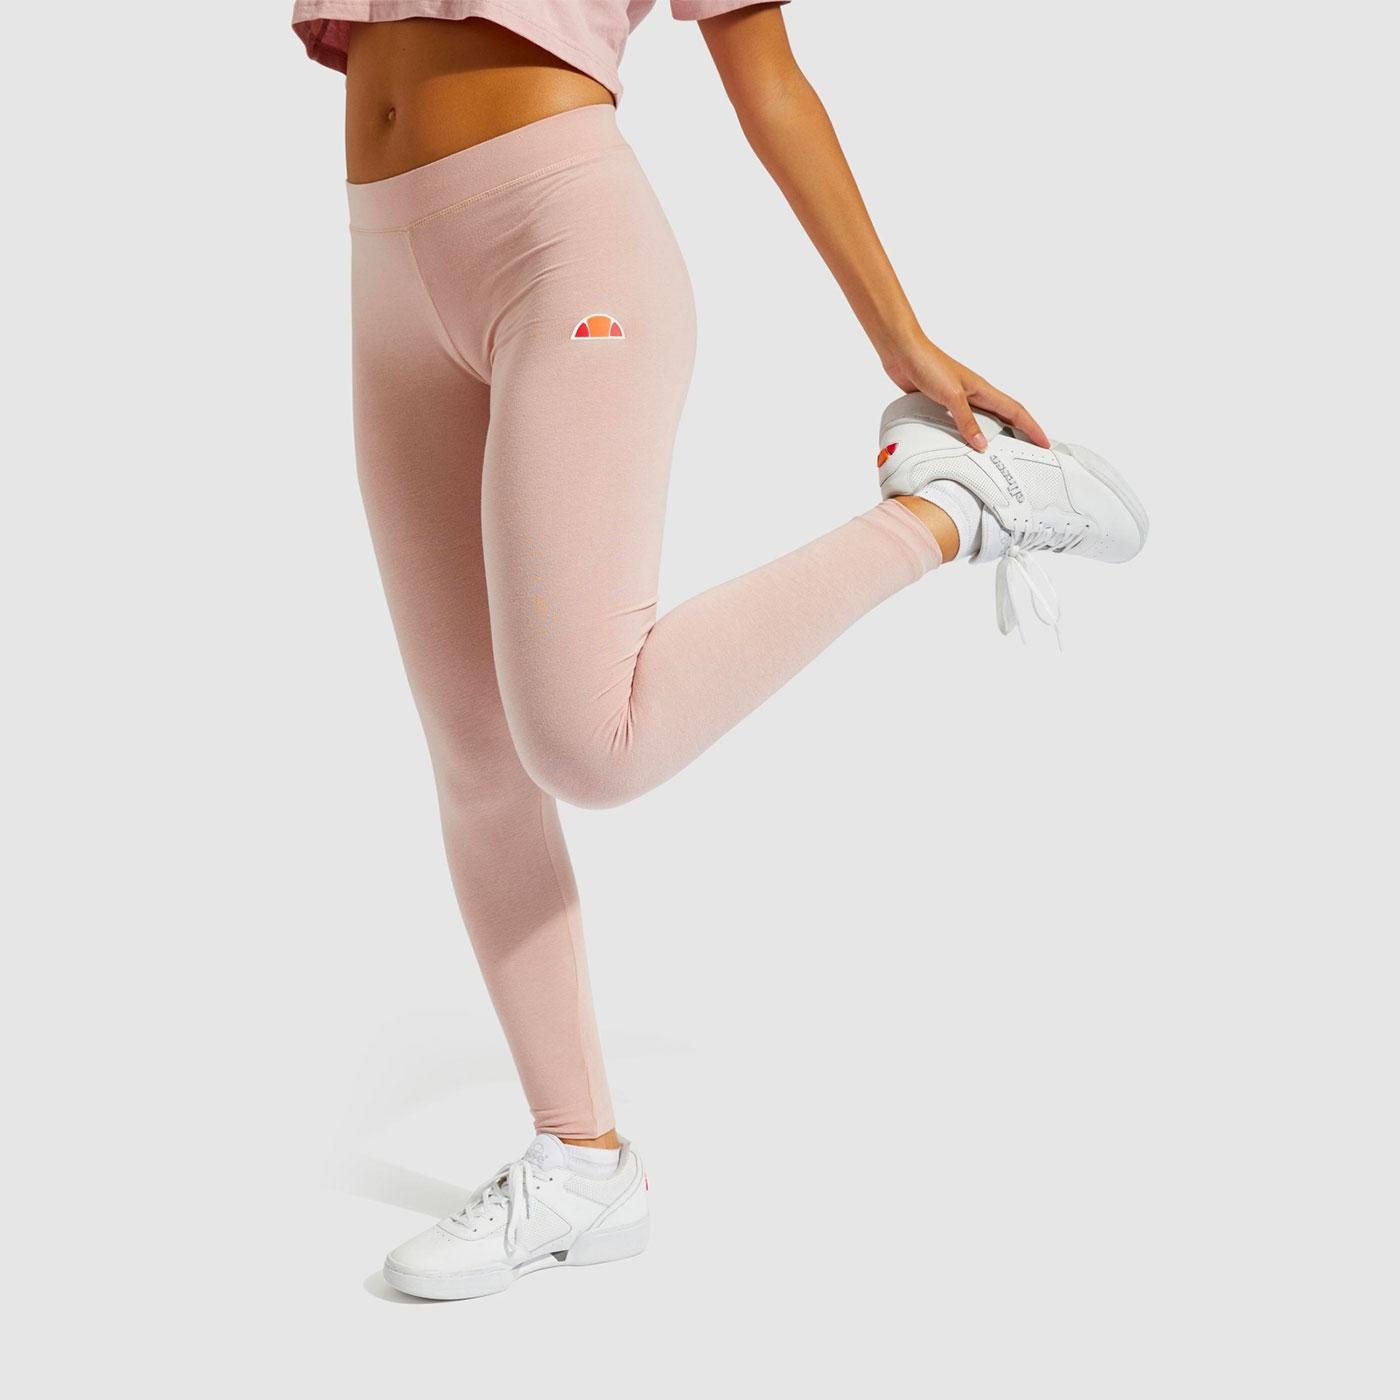 Solos 2 ELLESSE Classic Retro Logo Leggings (Pink)